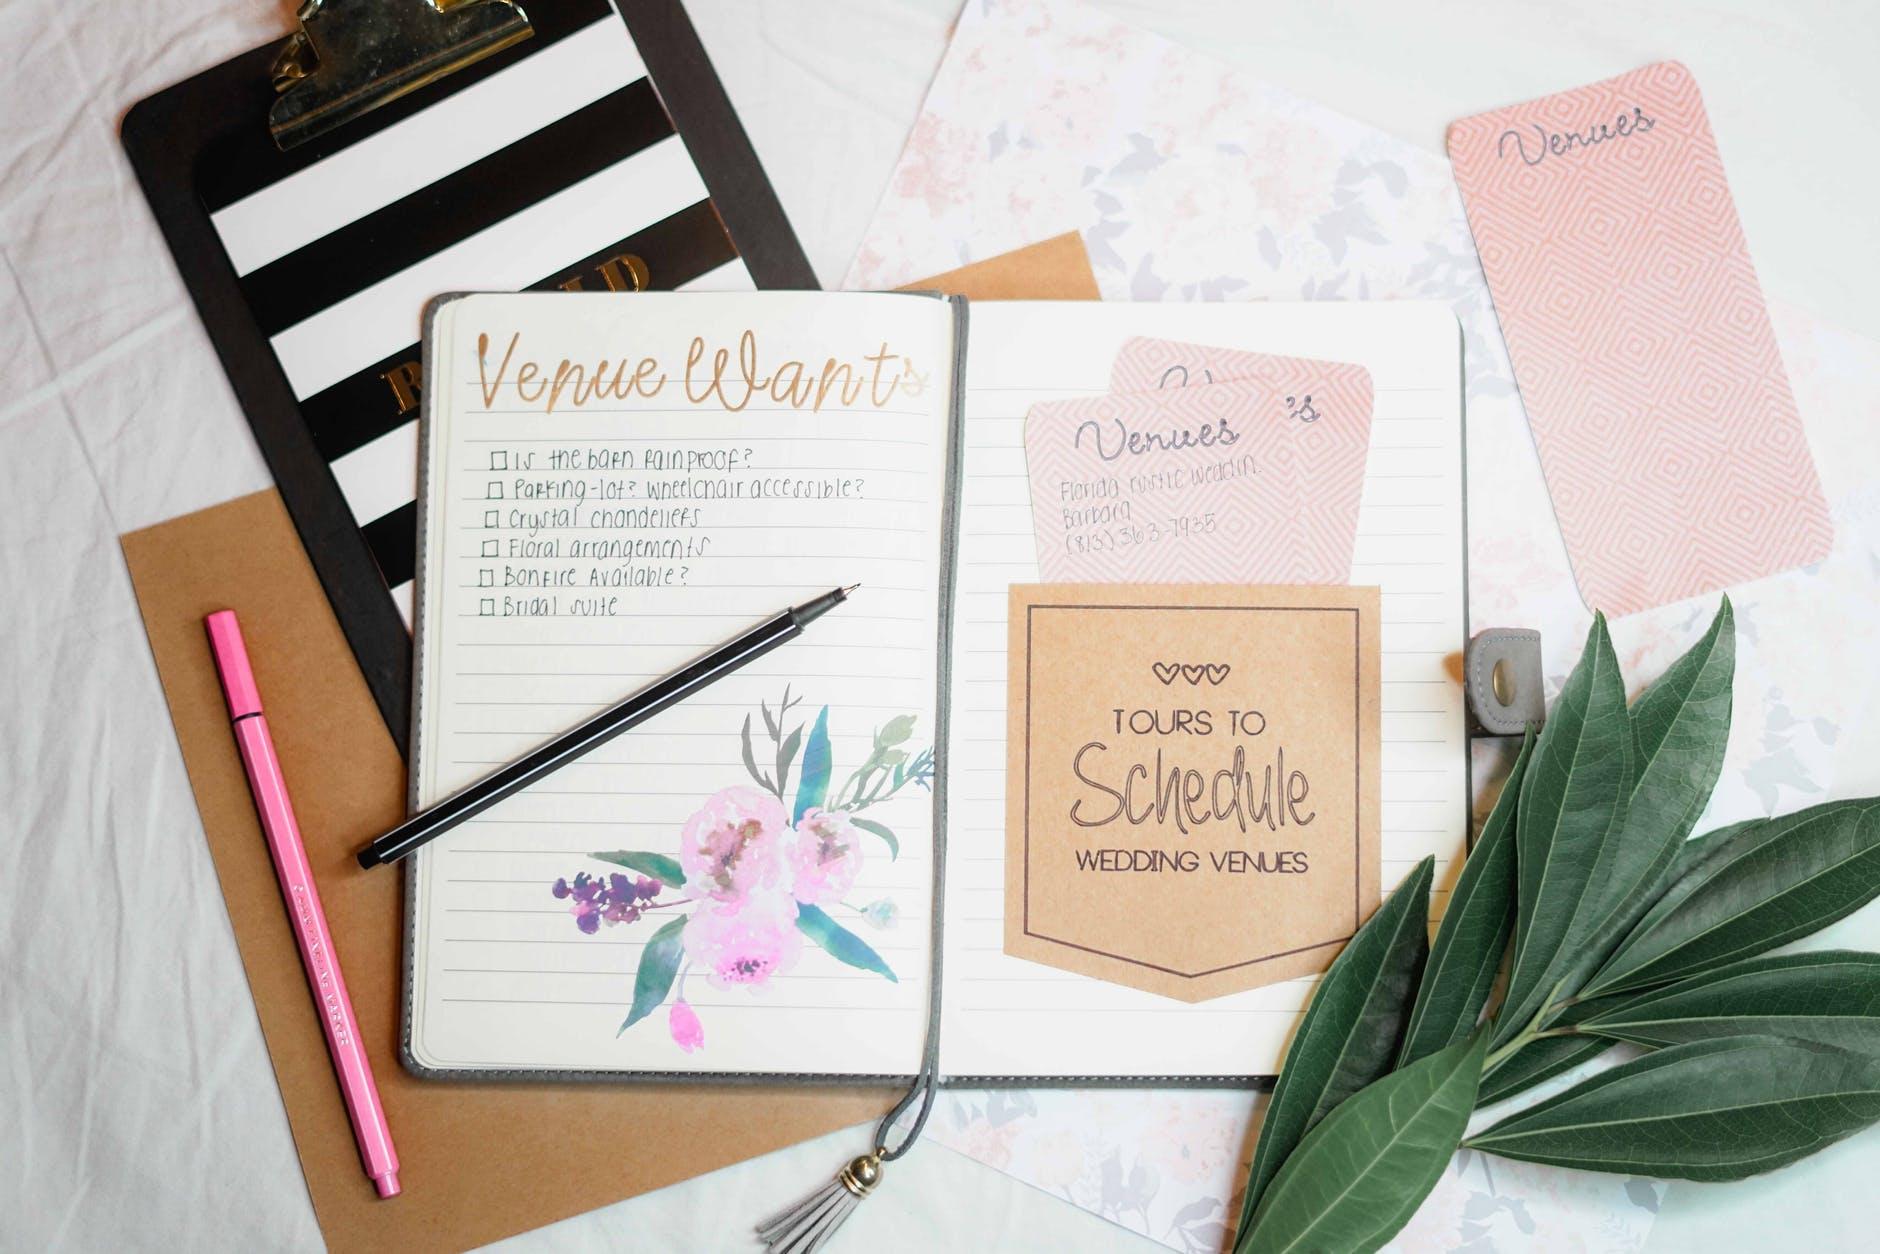 Zdjęcie z lotu ptka na biurko z kolorowymi zeszytami i artykułami piśmienniczymi